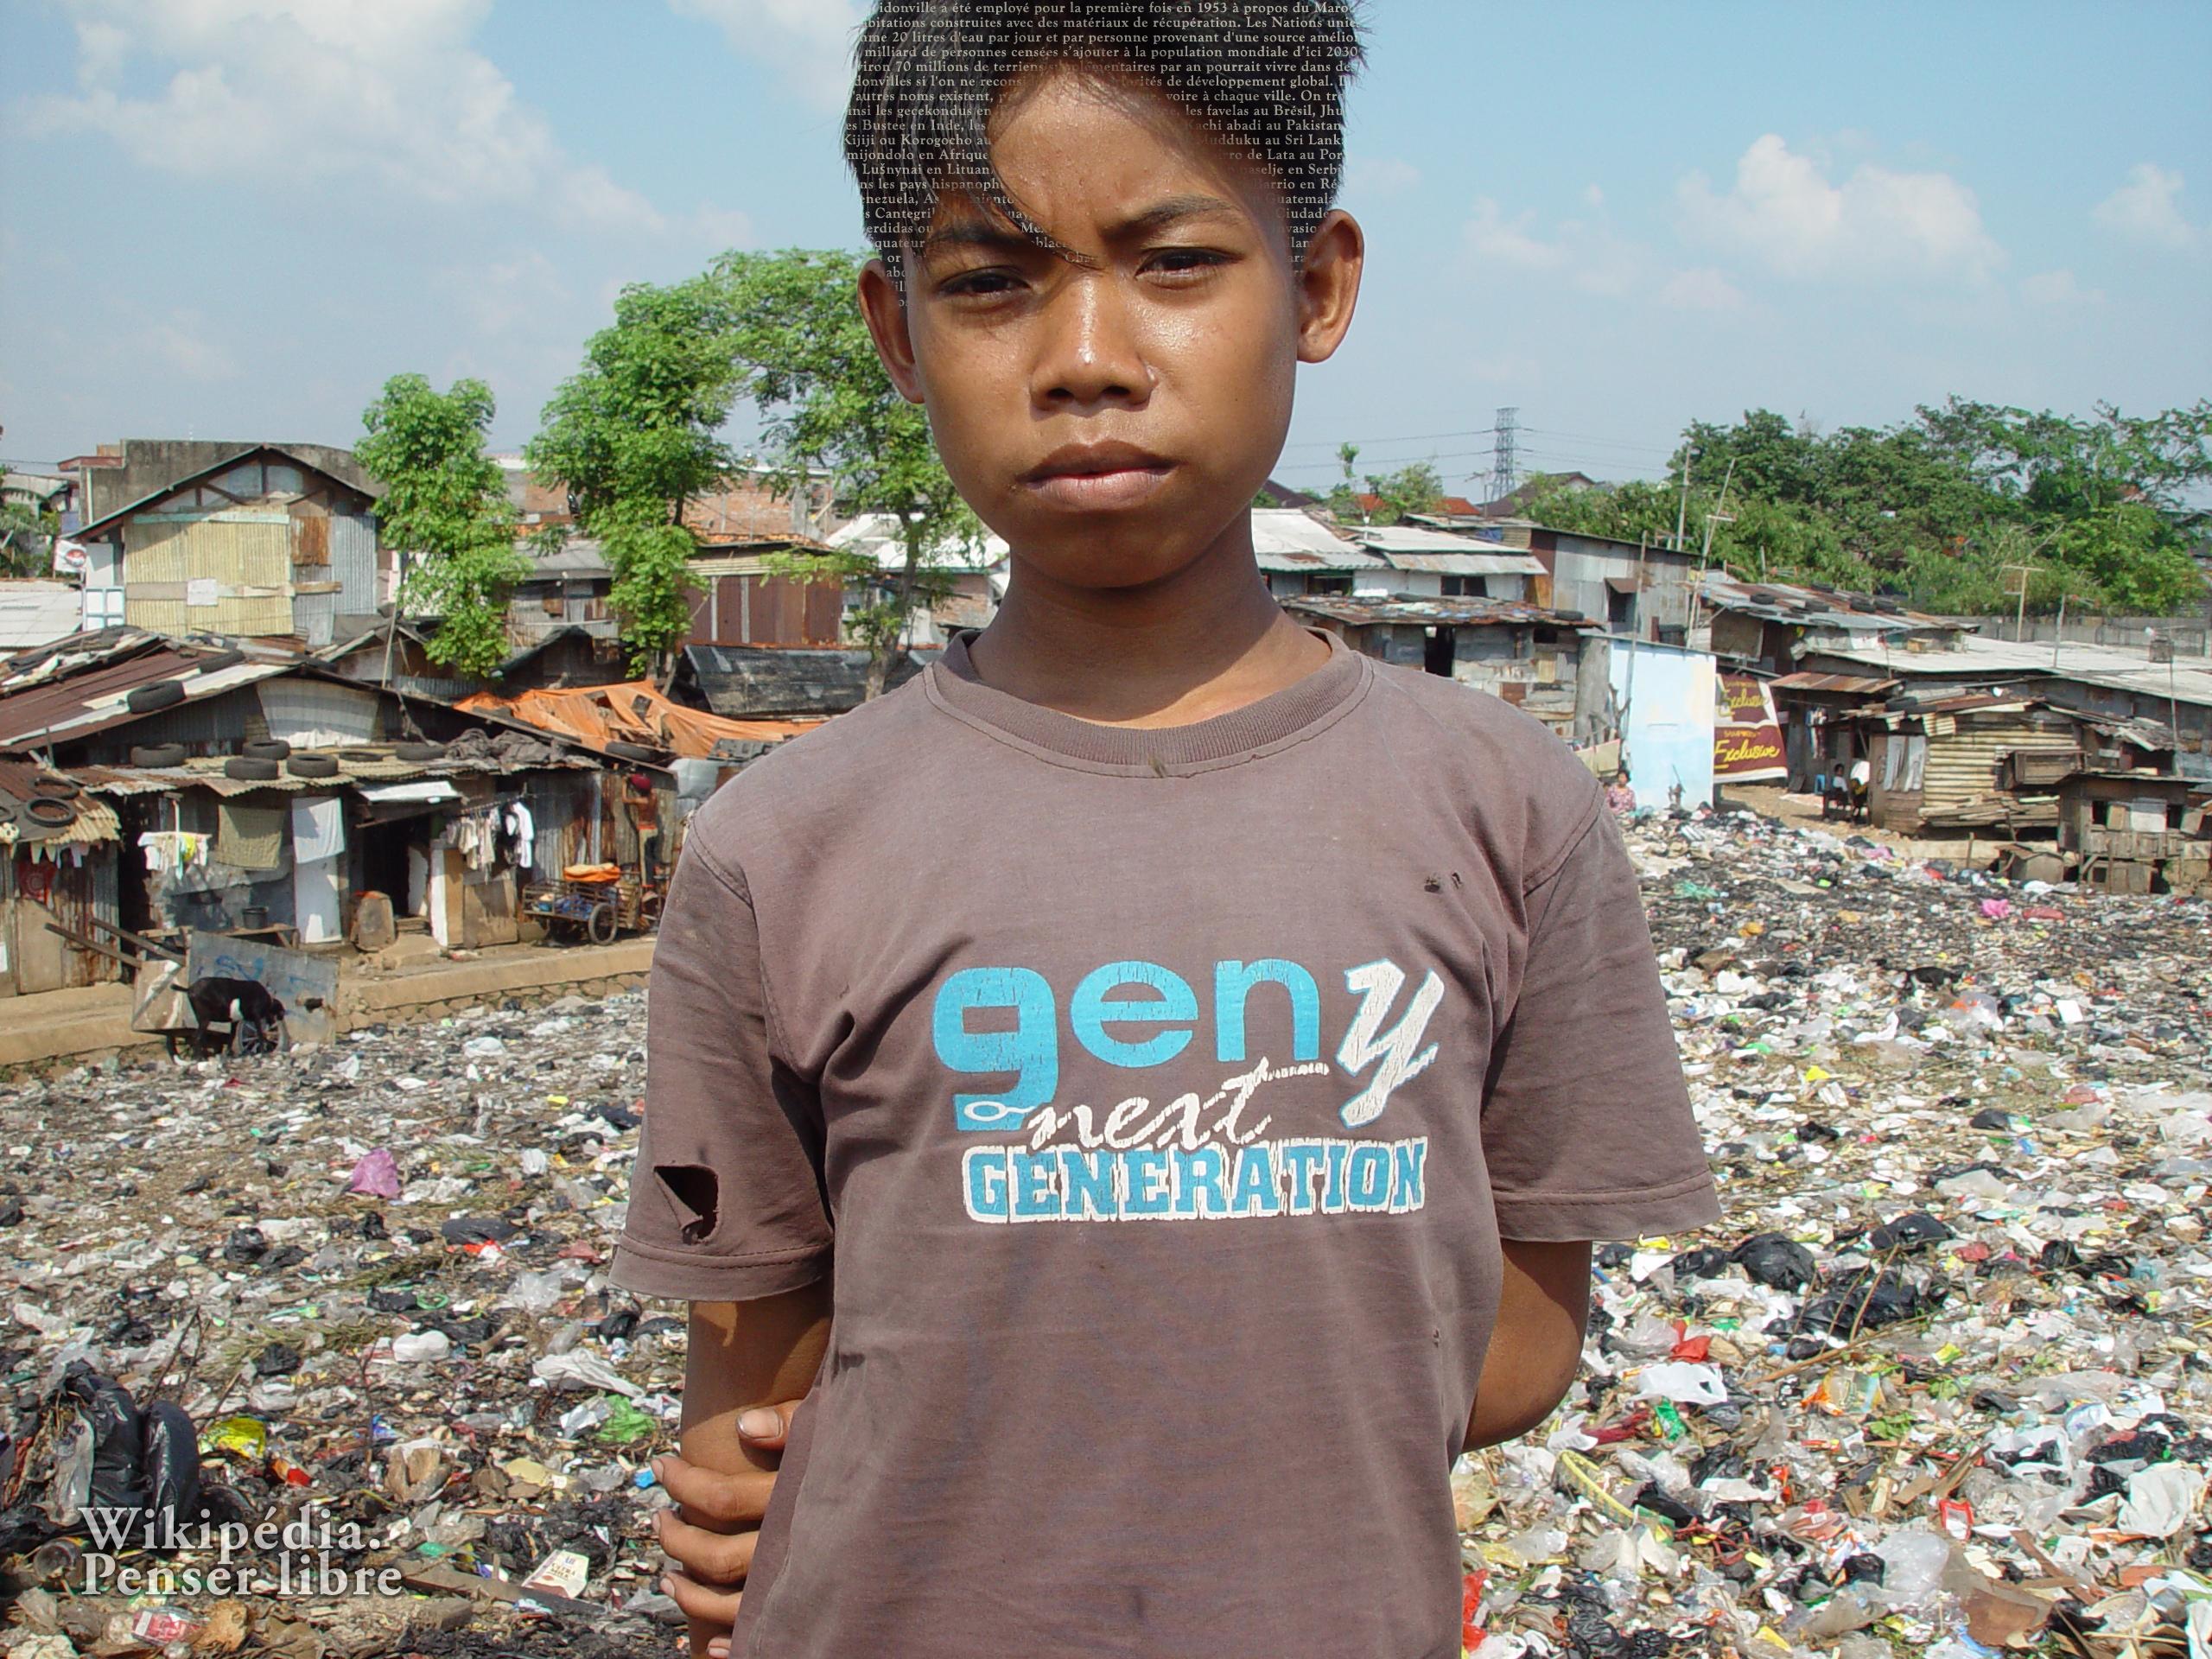 http://upload.wikimedia.org/wikipedia/commons/1/16/Bidonville_de_Jakarta.jpg